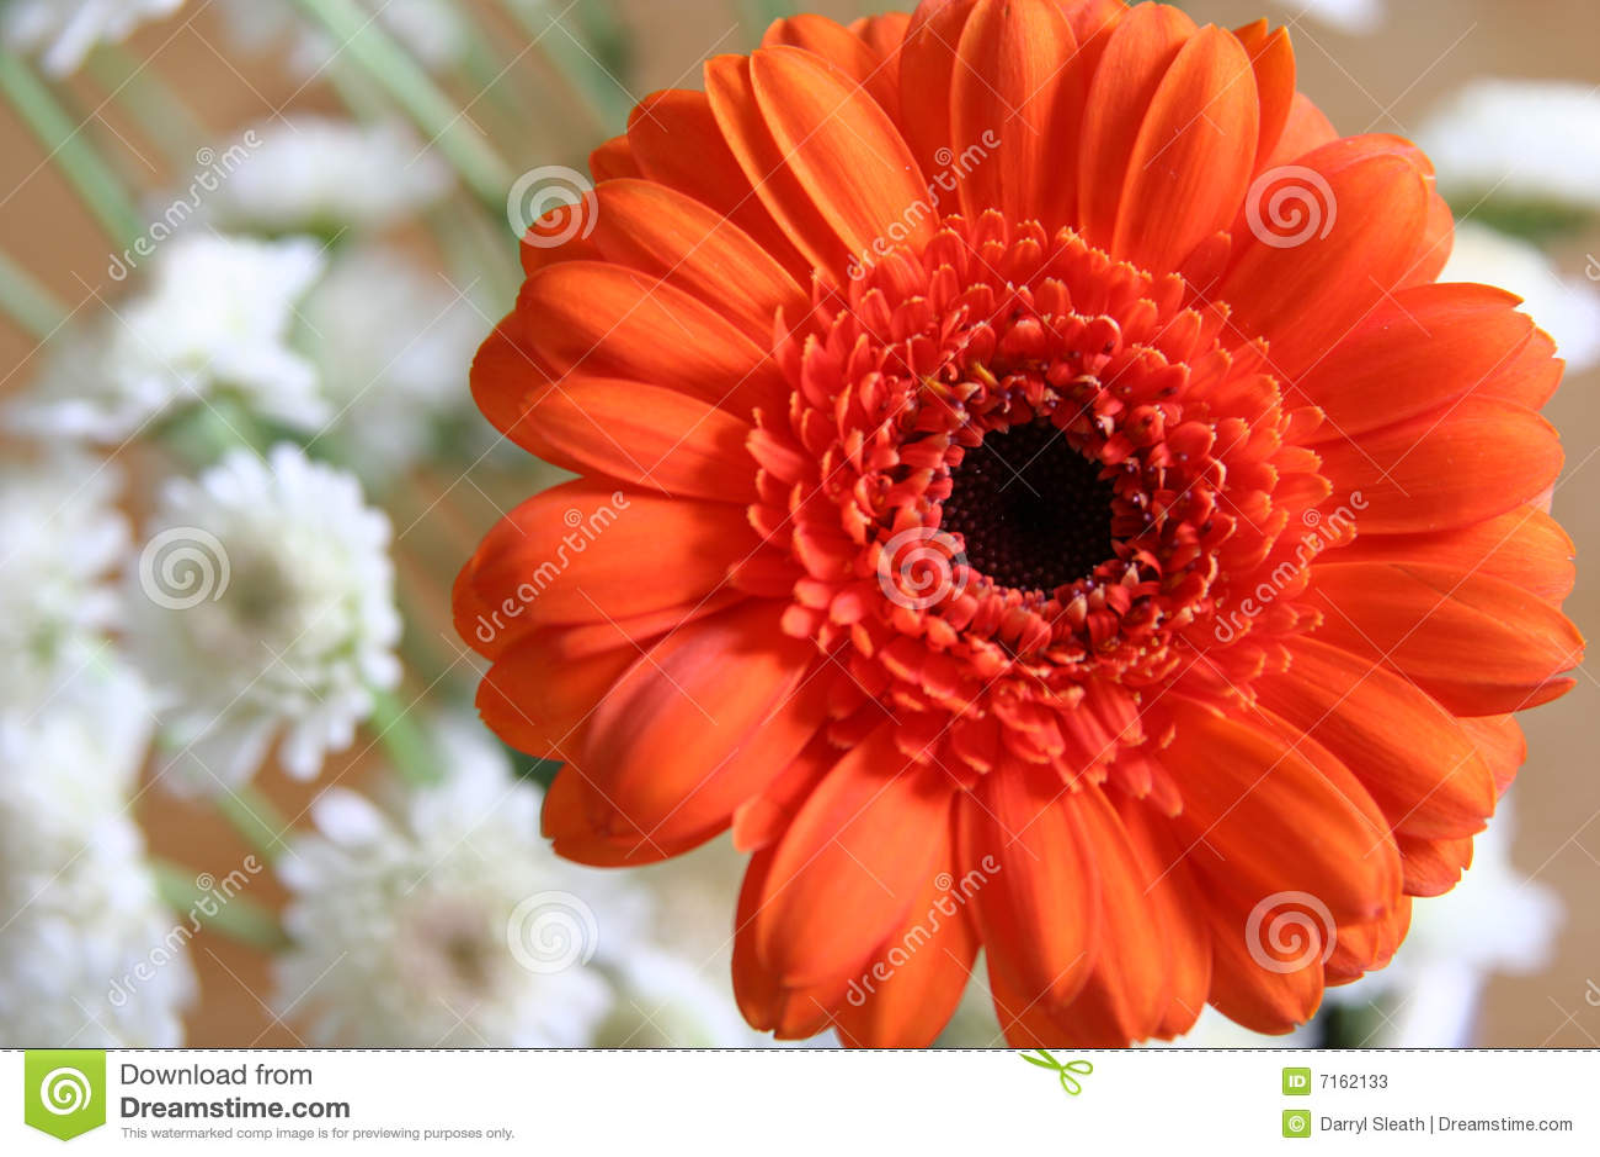 Orange Blume mit kleinen weißen Blüten